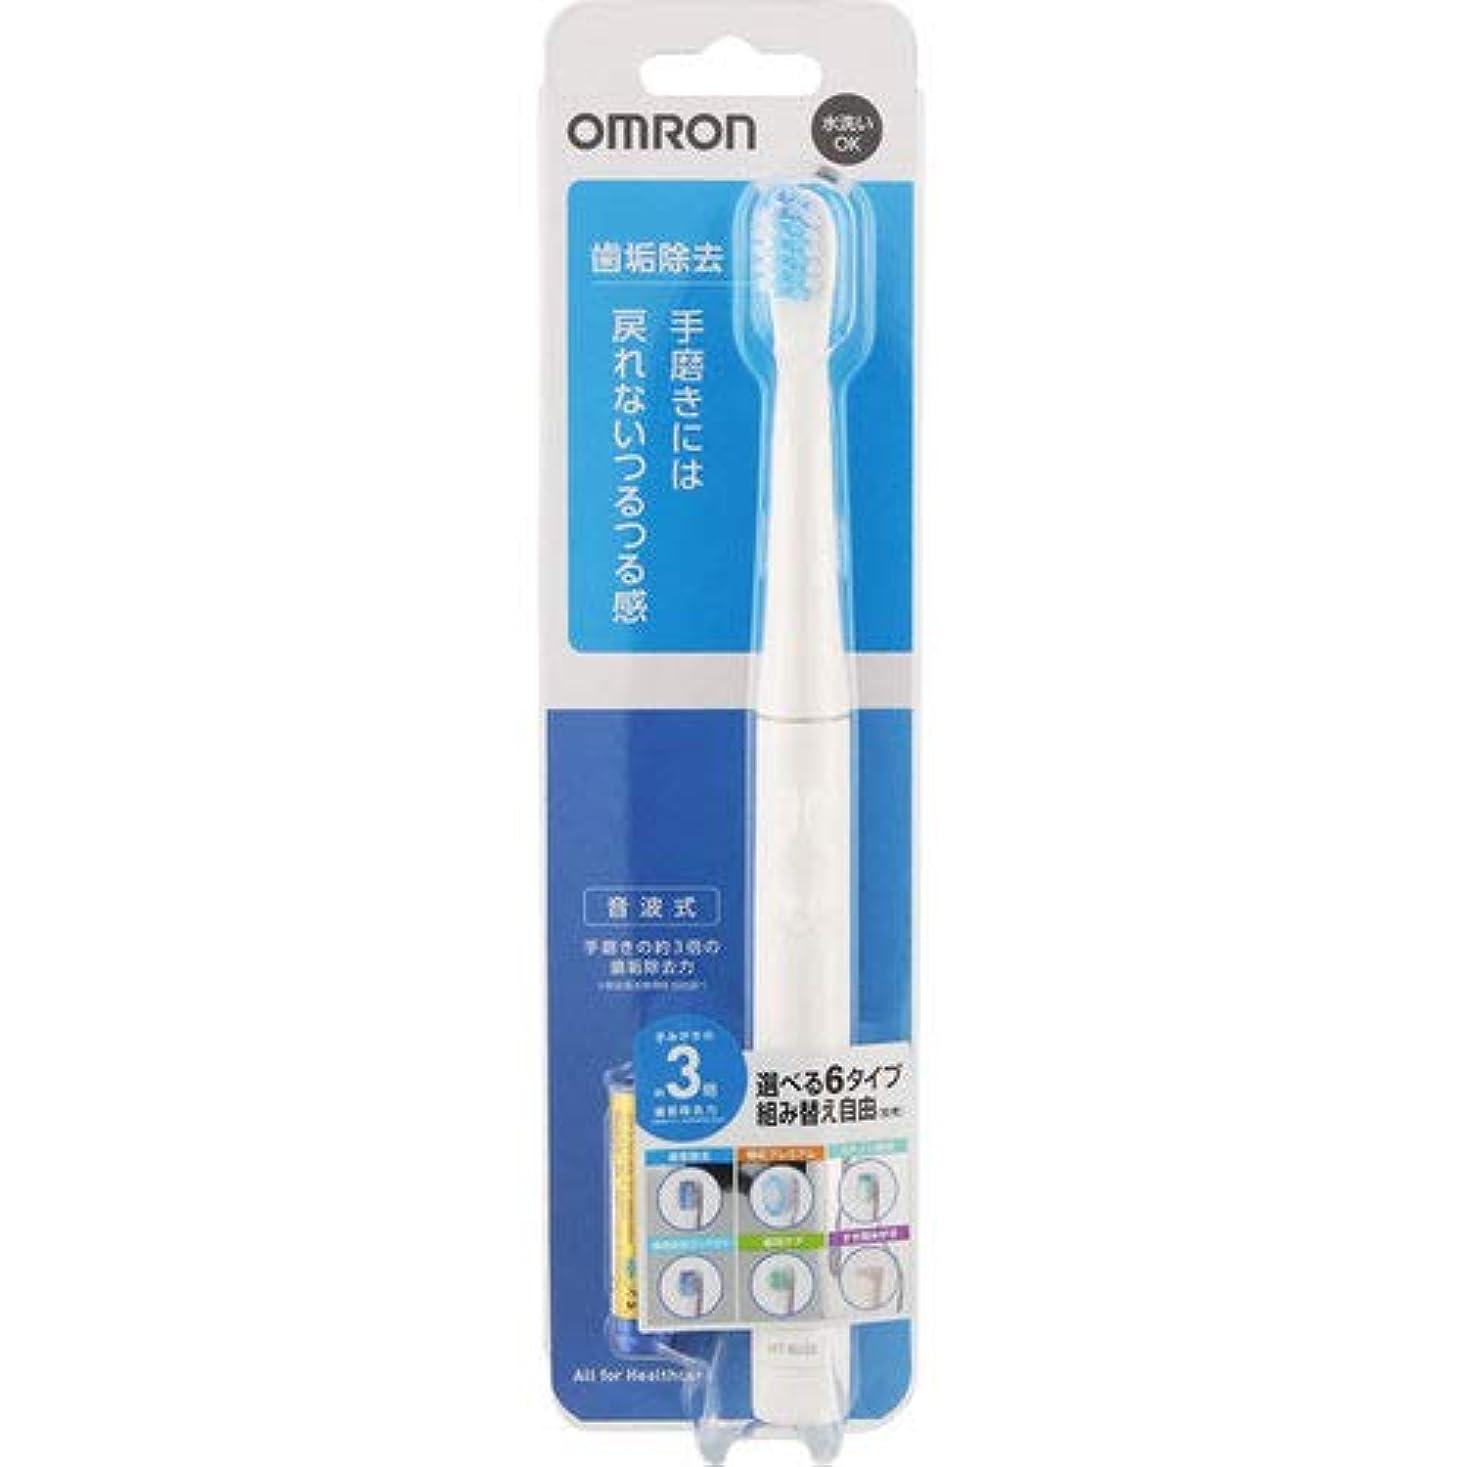 注釈を付ける説教する群衆オムロン 電動歯ブラシ HT-B220-W ホワイト 電池式